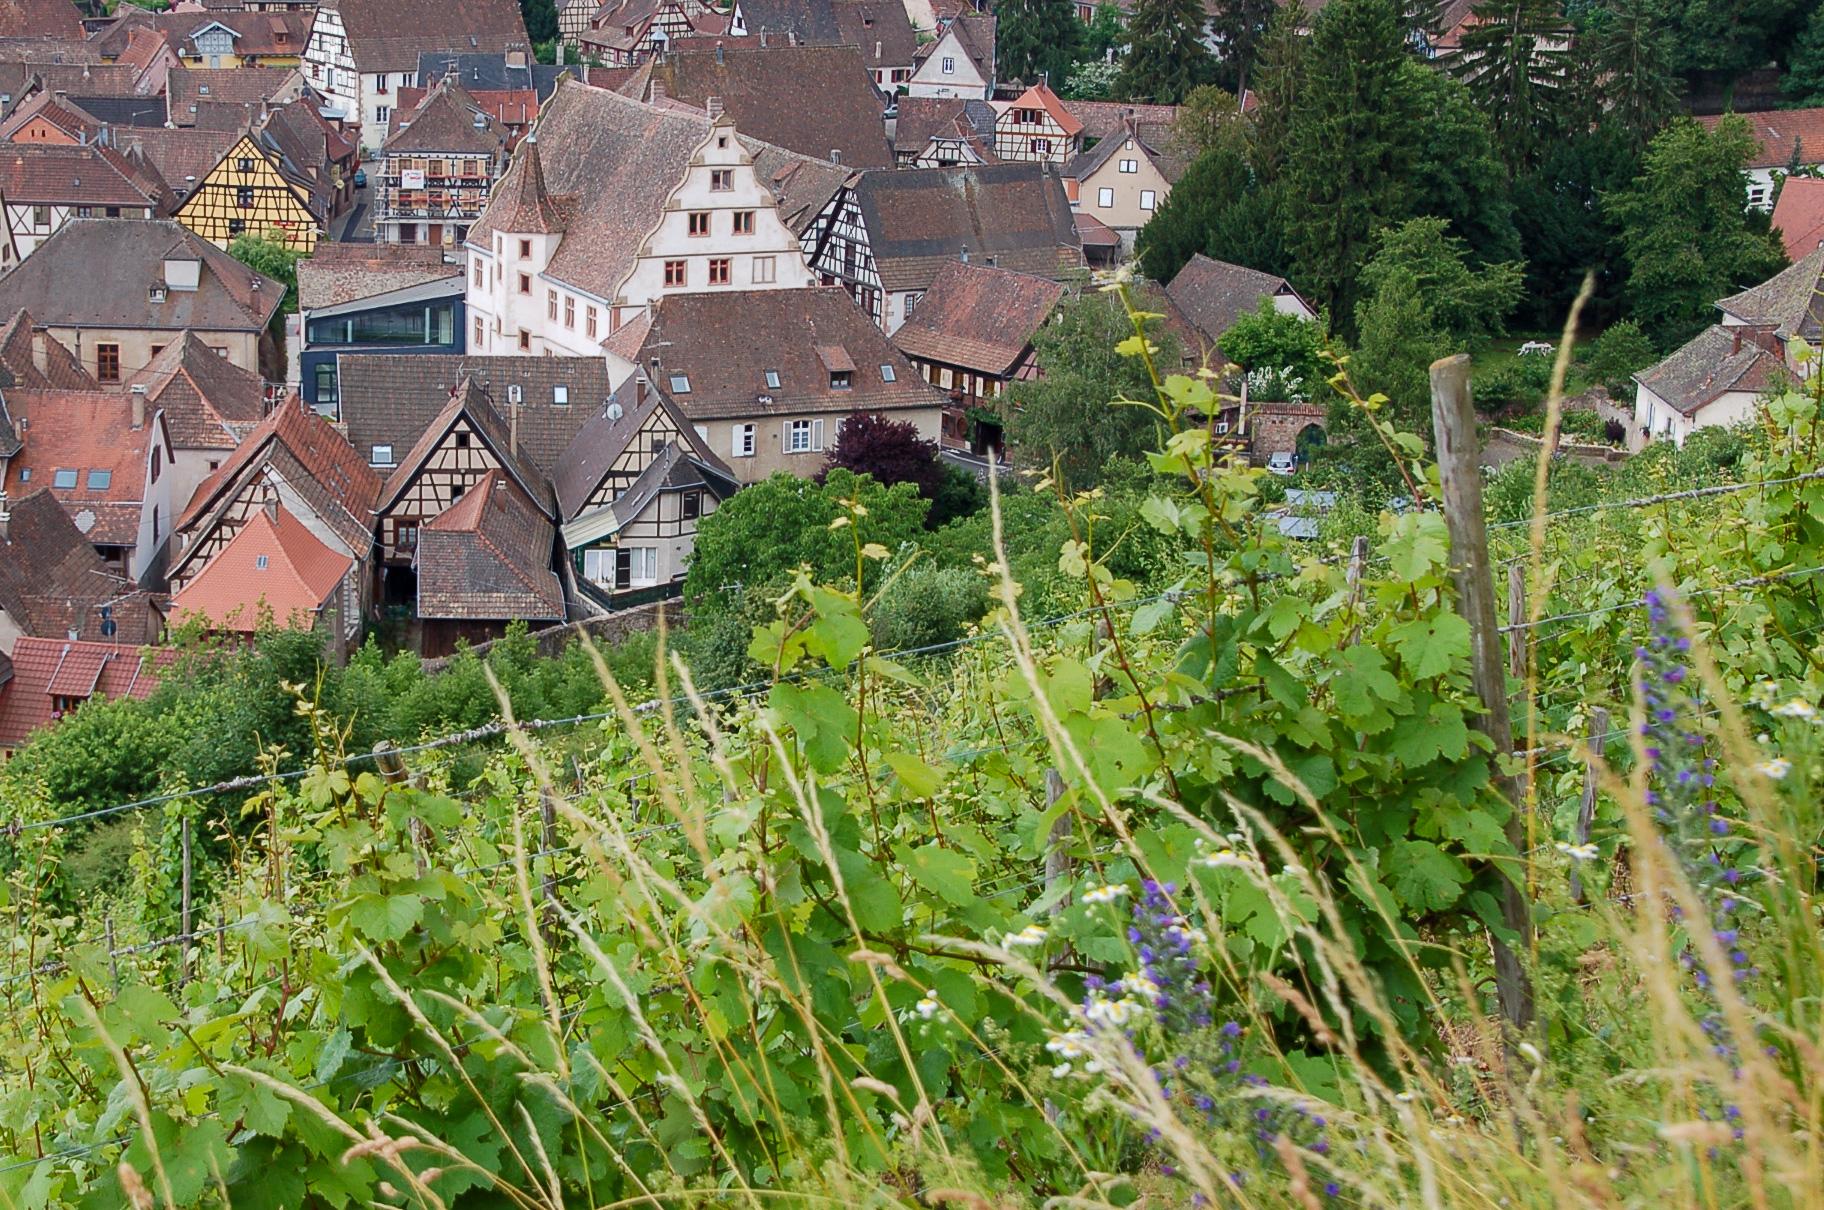 Weinberg im Elsass mit Blick auf Fachwerkhäuser